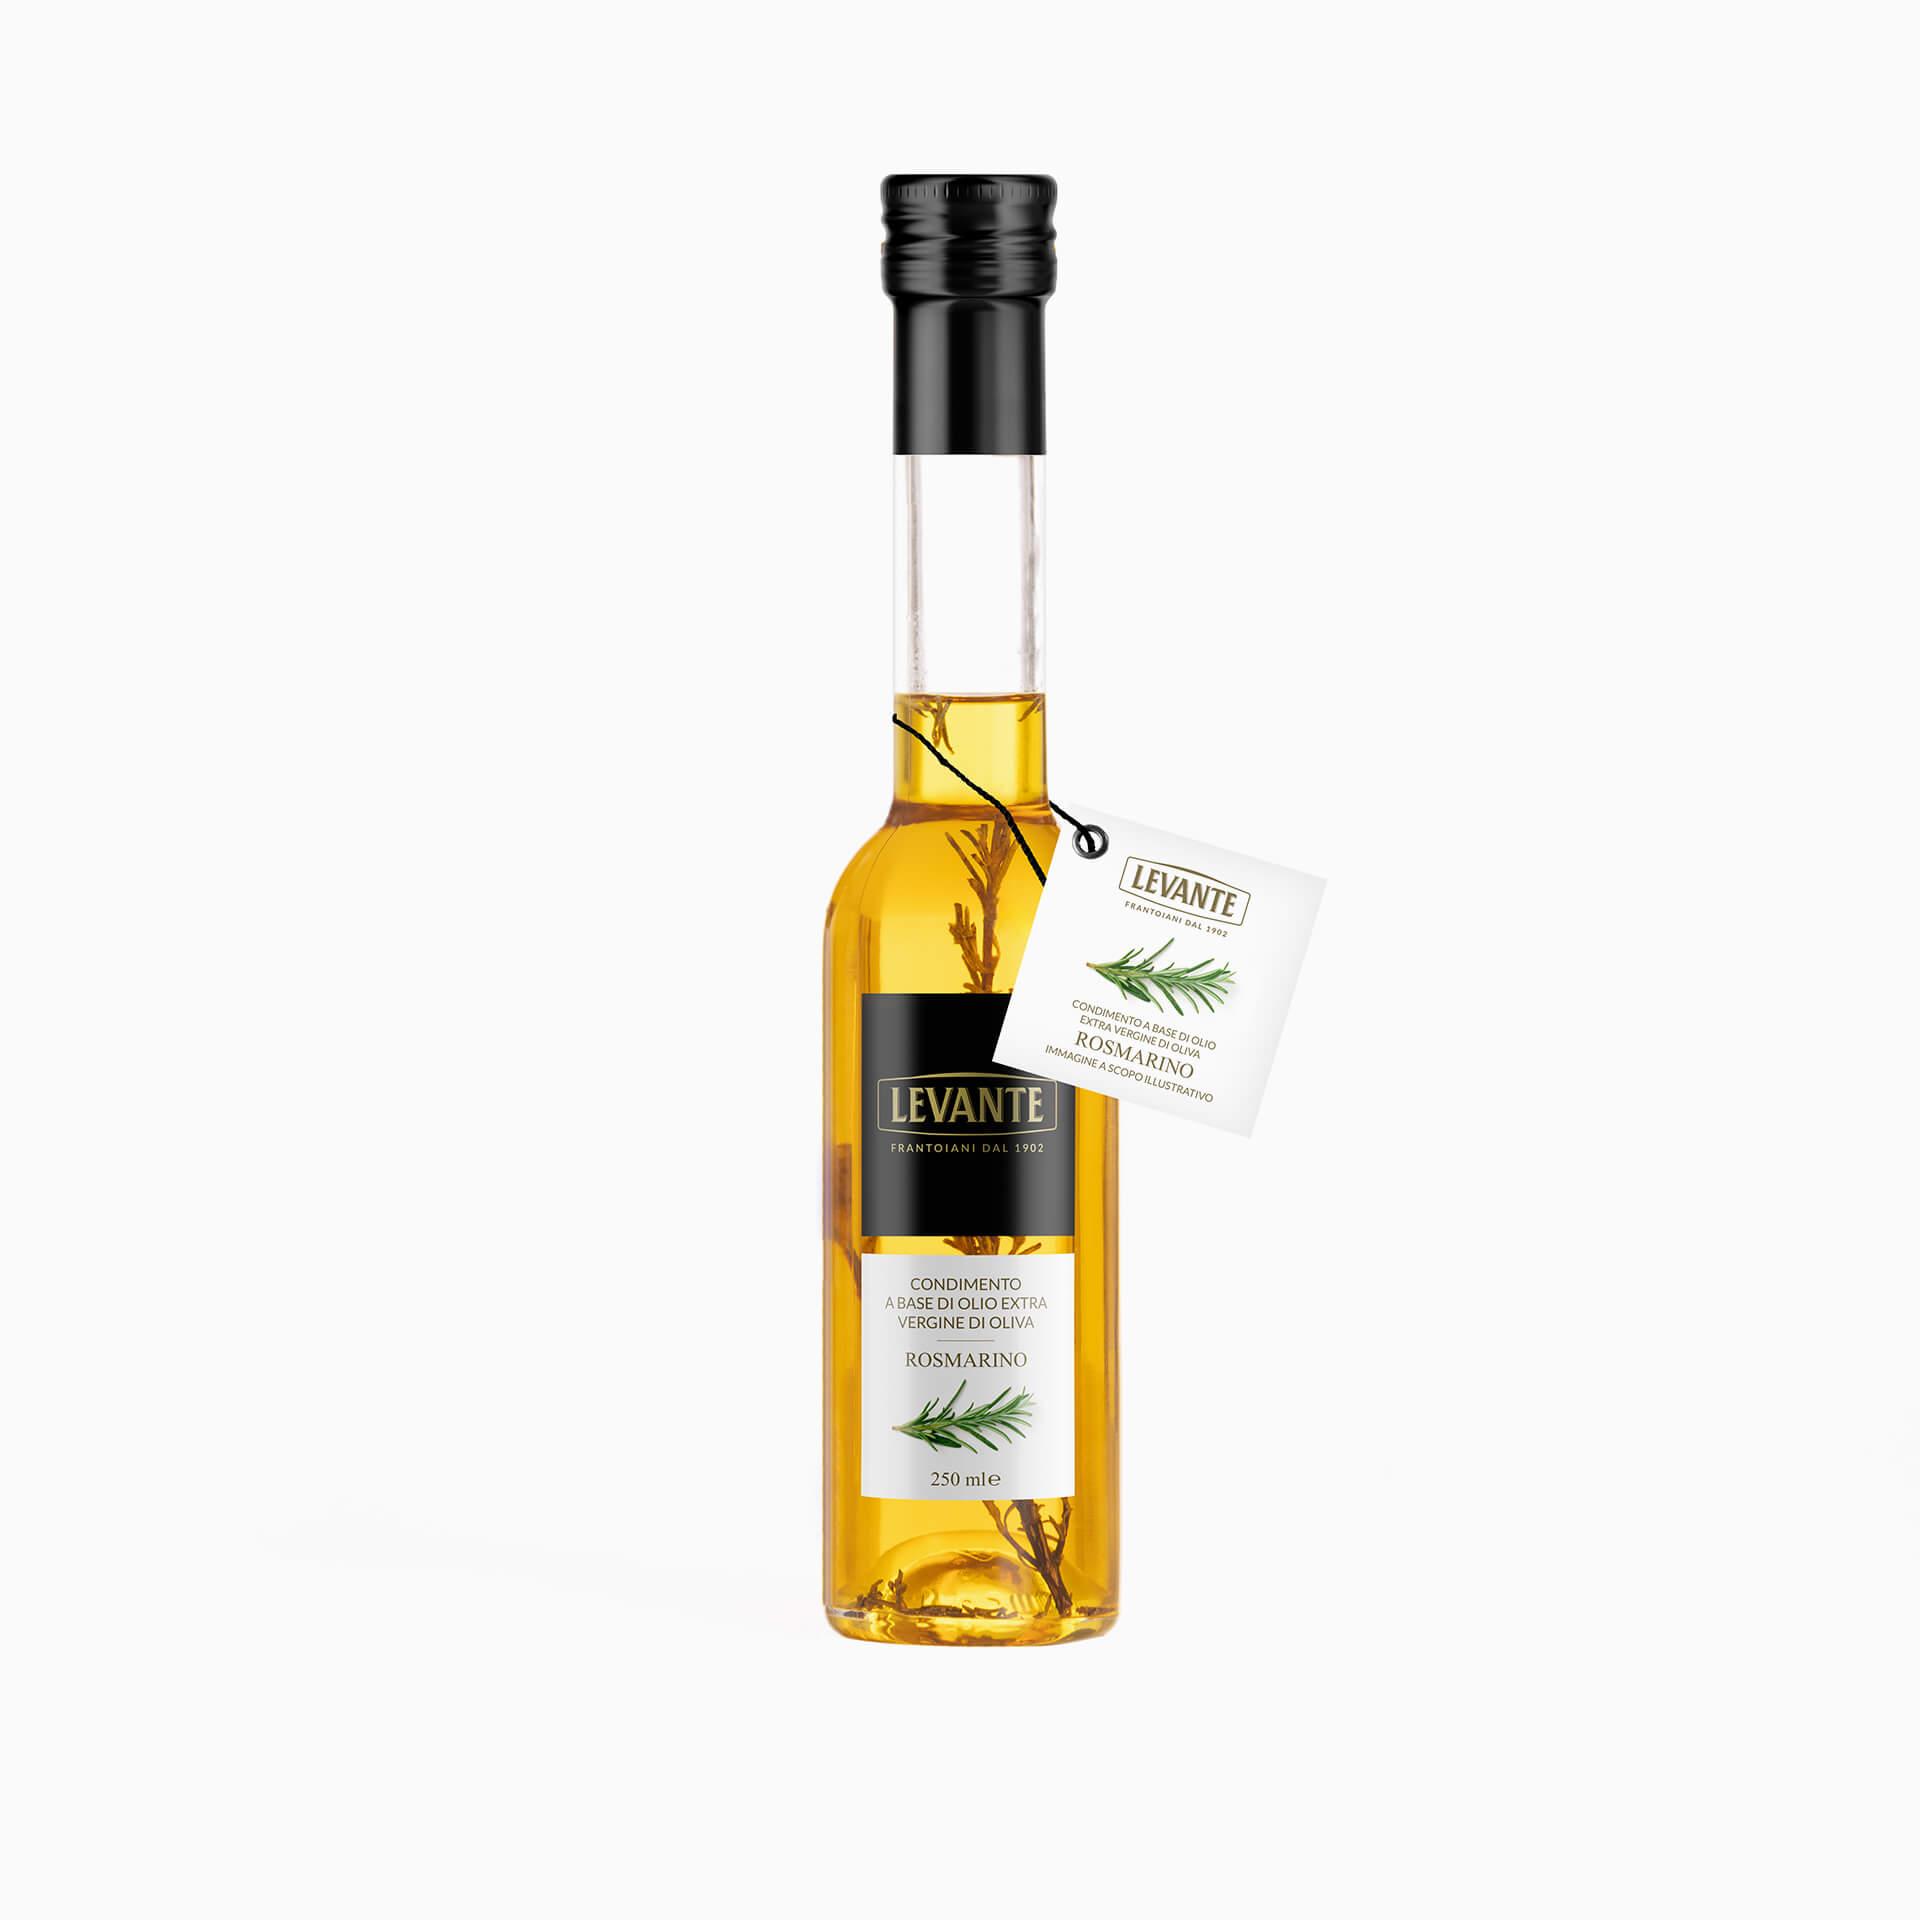 Condimento a base di Olio Extra Vergine d'Oliva al gusto di Rosmarino